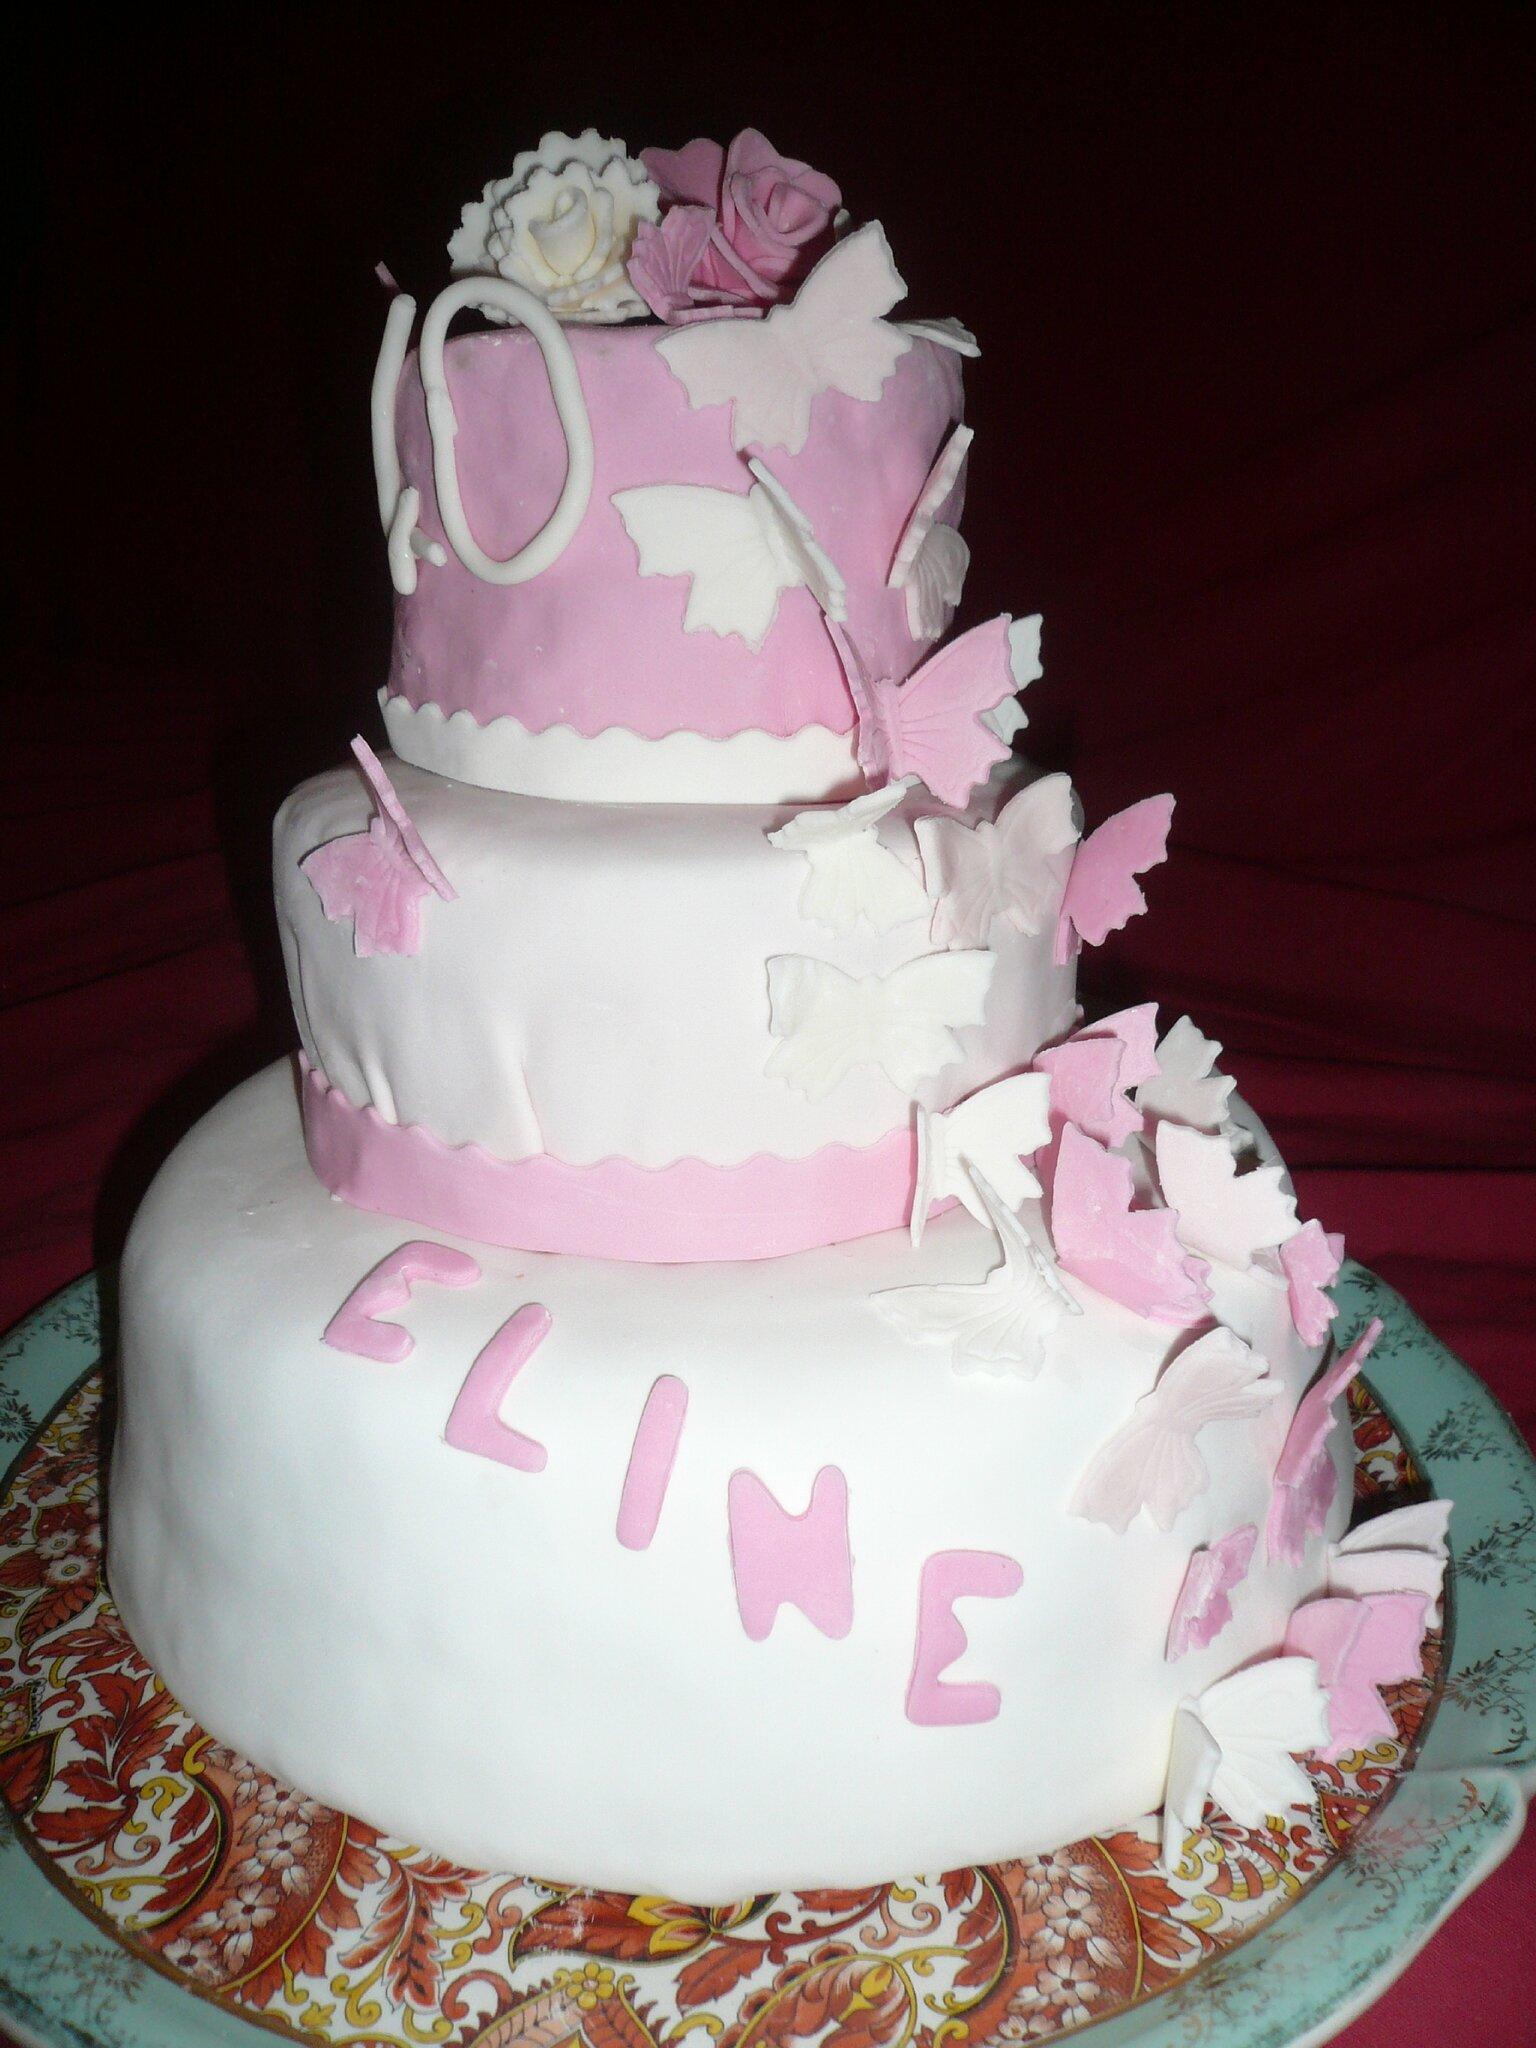 Recettes de gâteau de mariage pour étagées Gâteaux  Peinture